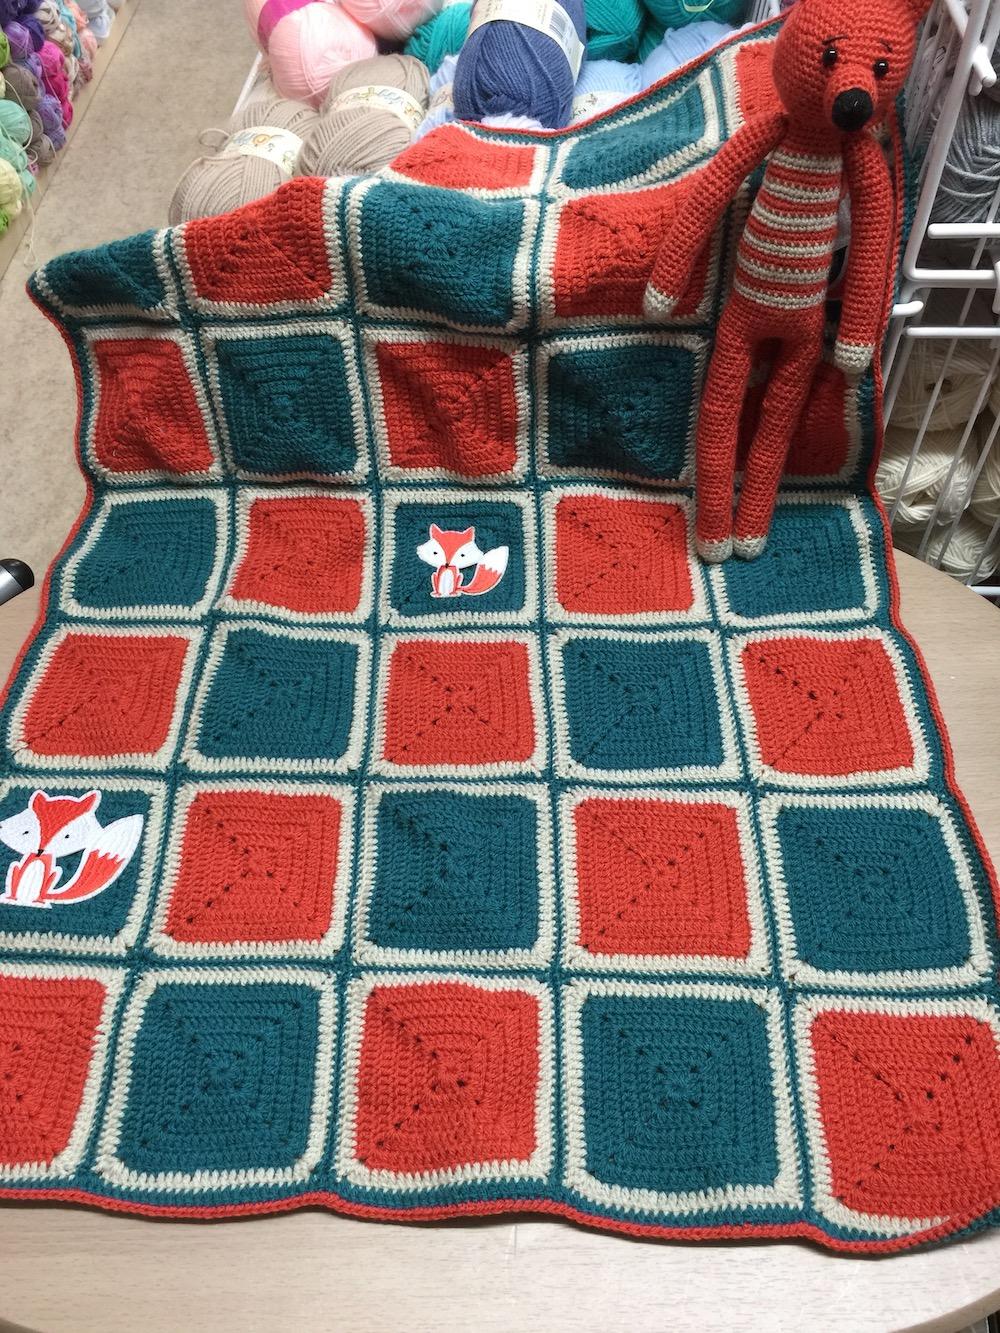 sew-n-sew-crochet-pram-blanket